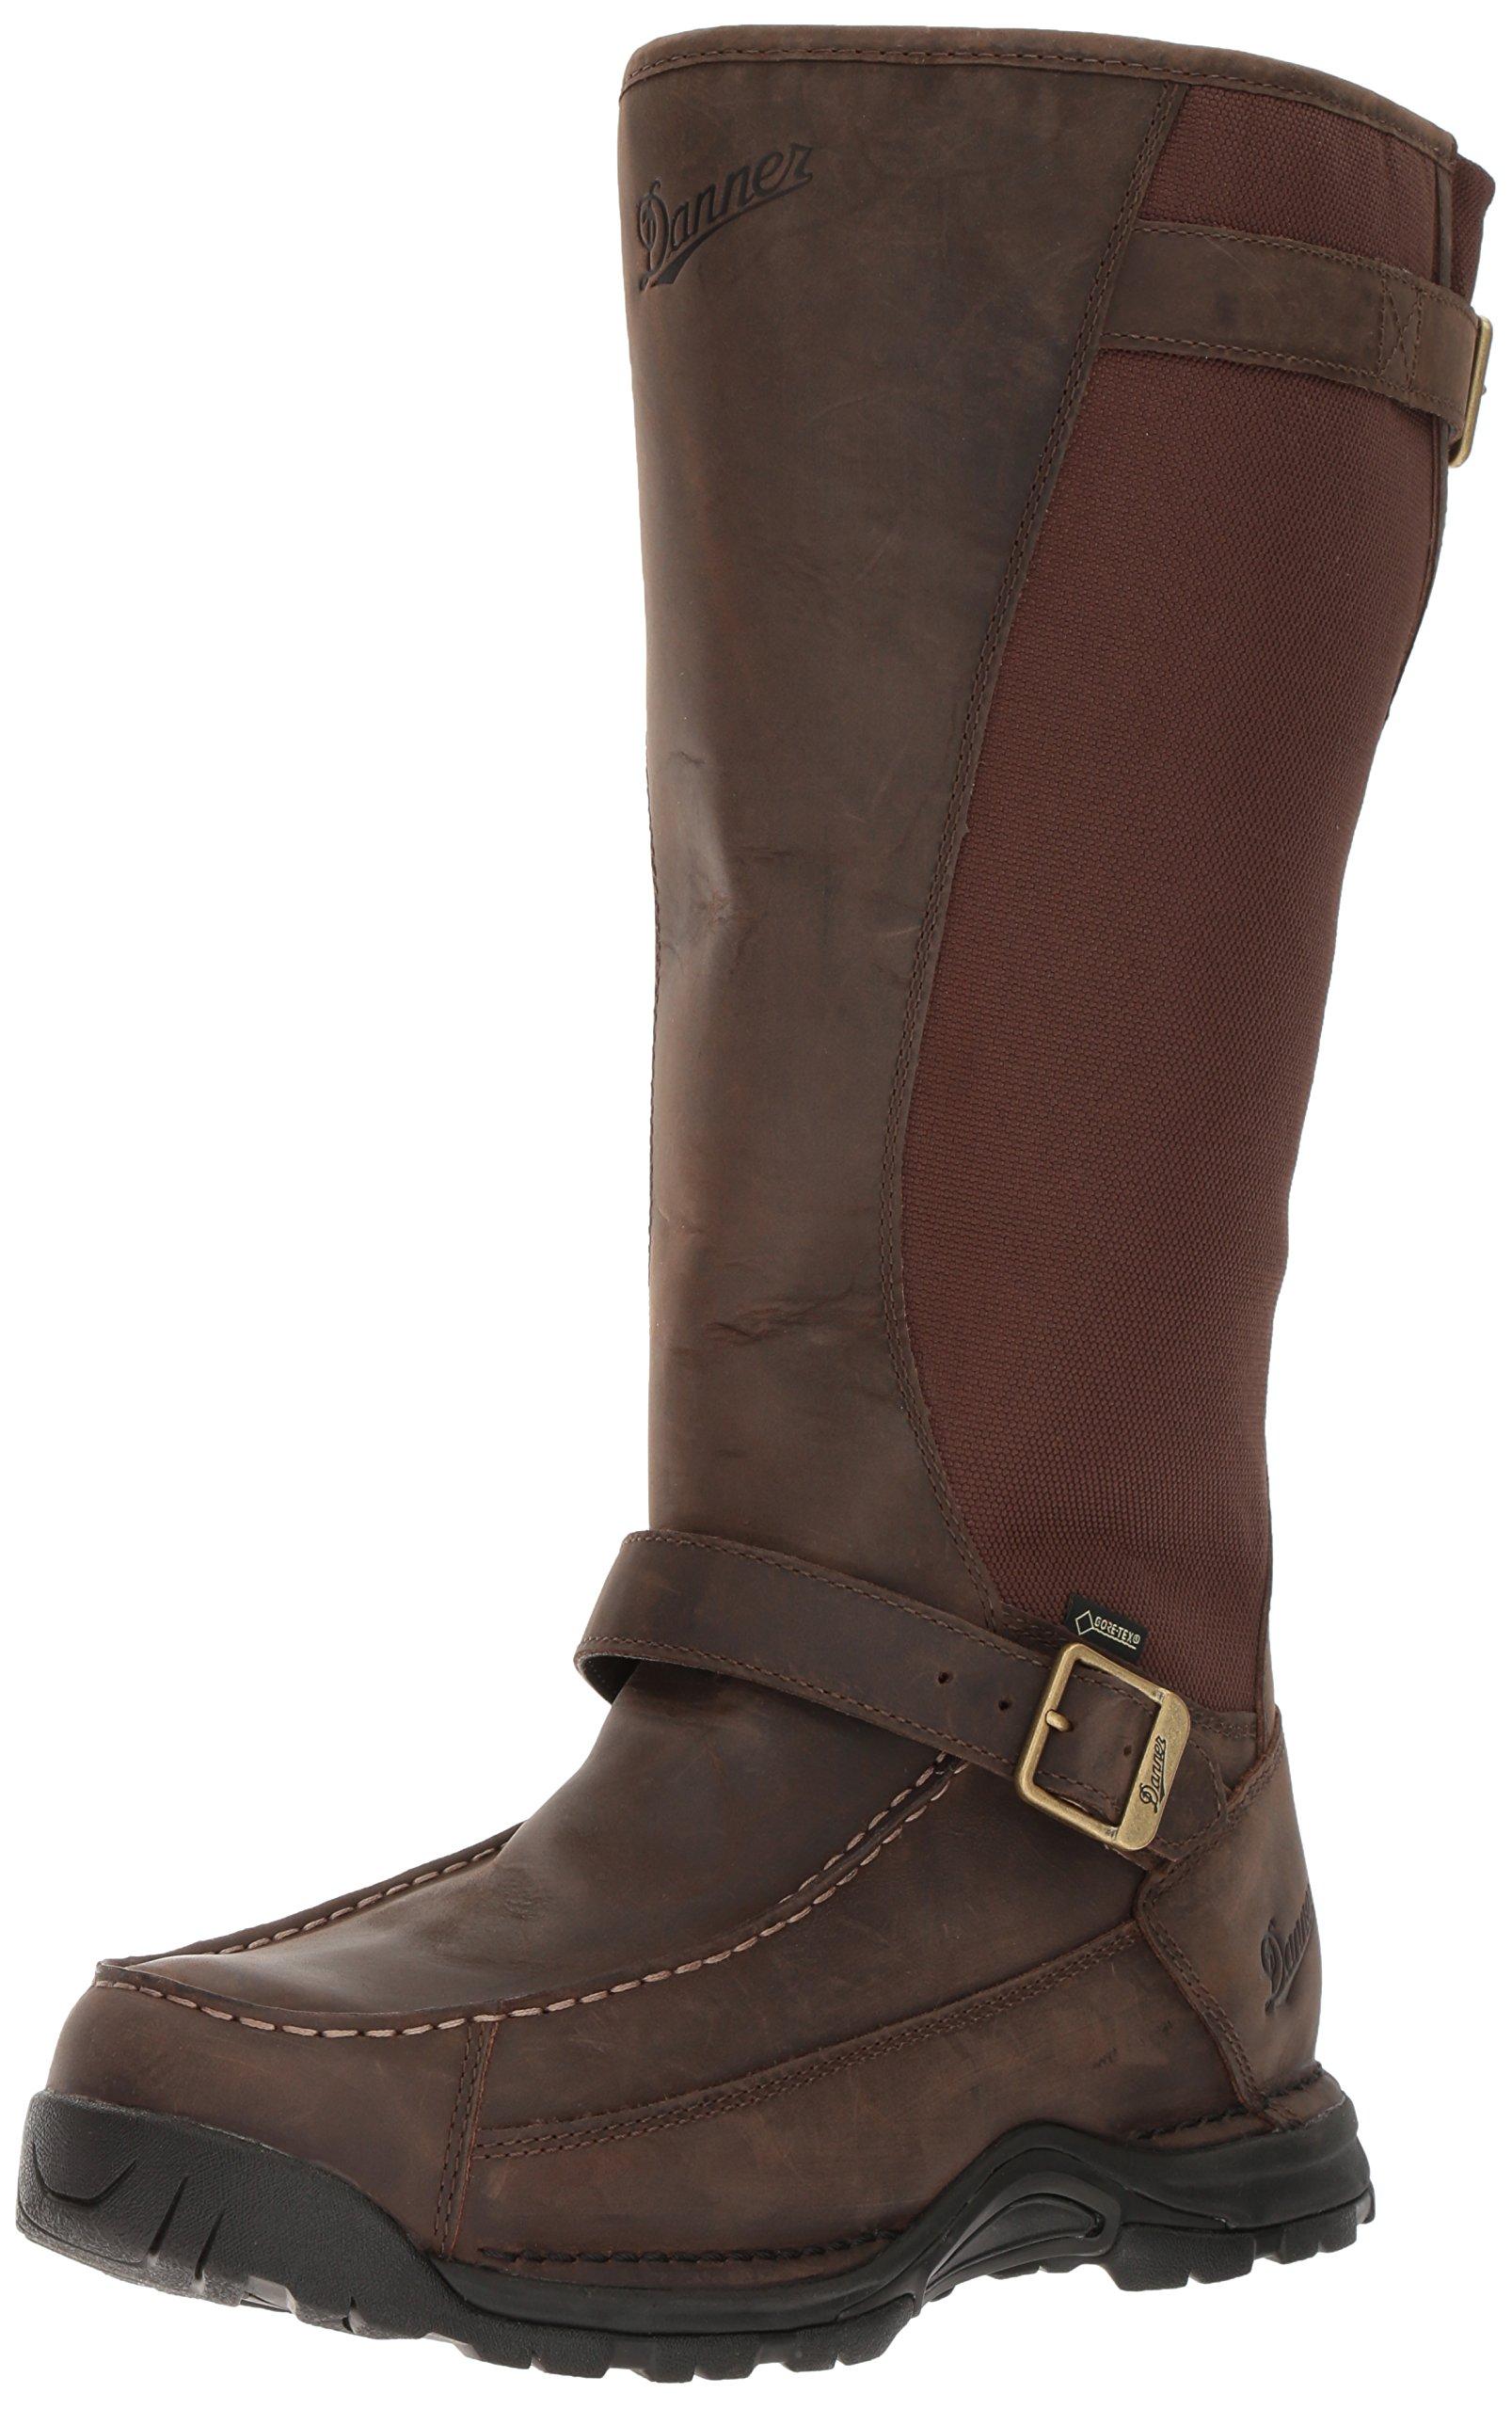 Danner Men's Sharptail Snake Boot 17 Inch Dark Brown Hunting Boot , 10 2E US